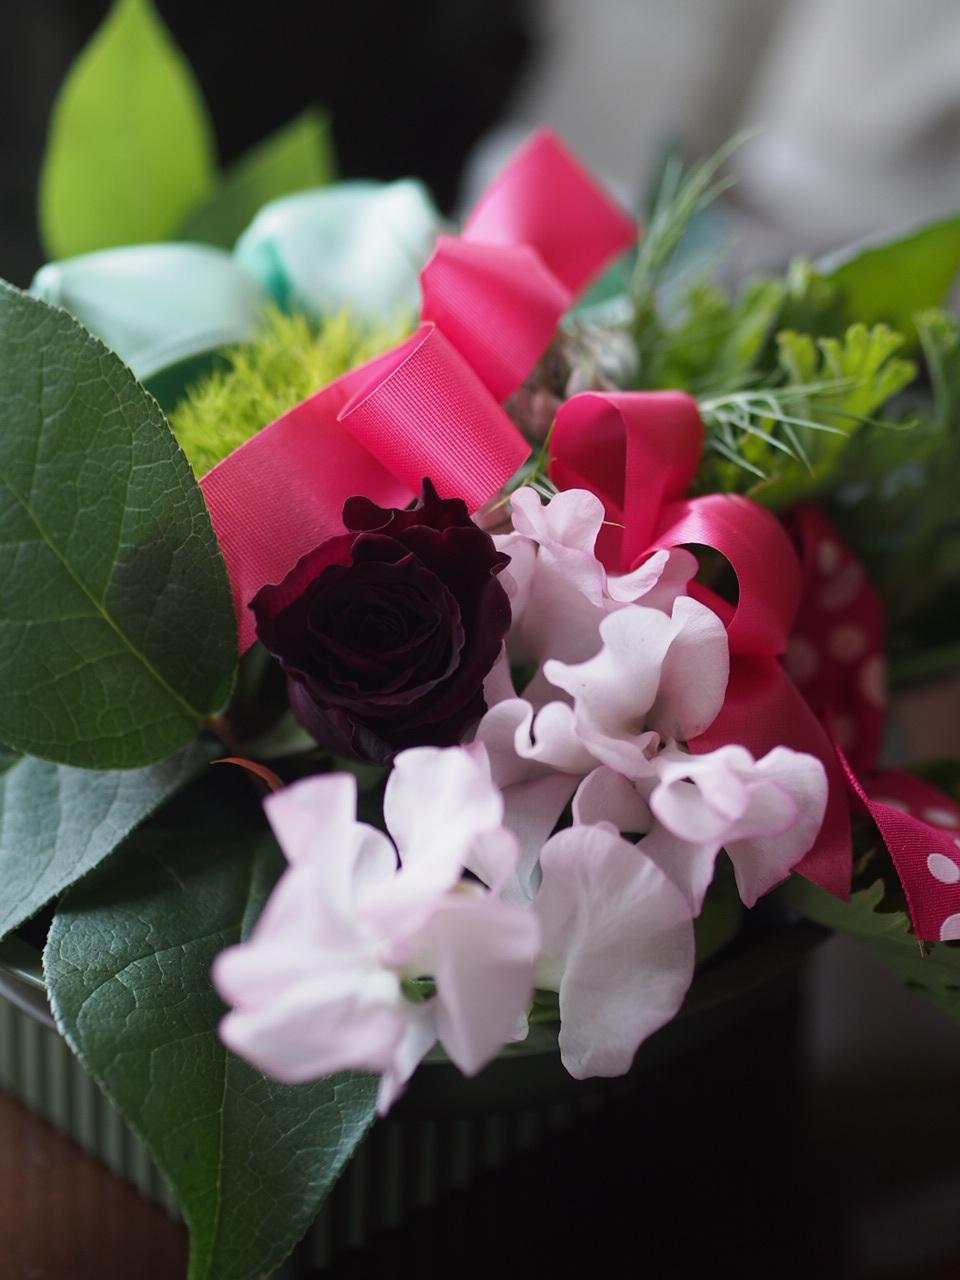 春のお花deアレンジメント_d0144095_14244061.jpg